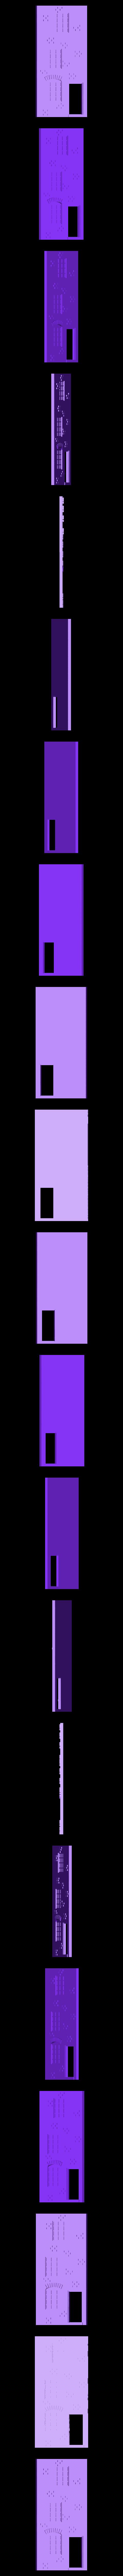 t_terr_fr2_1.stl Télécharger fichier STL gratuit Ripper's London - Maisons à haute hauteur • Design pour imprimante 3D, Earsling